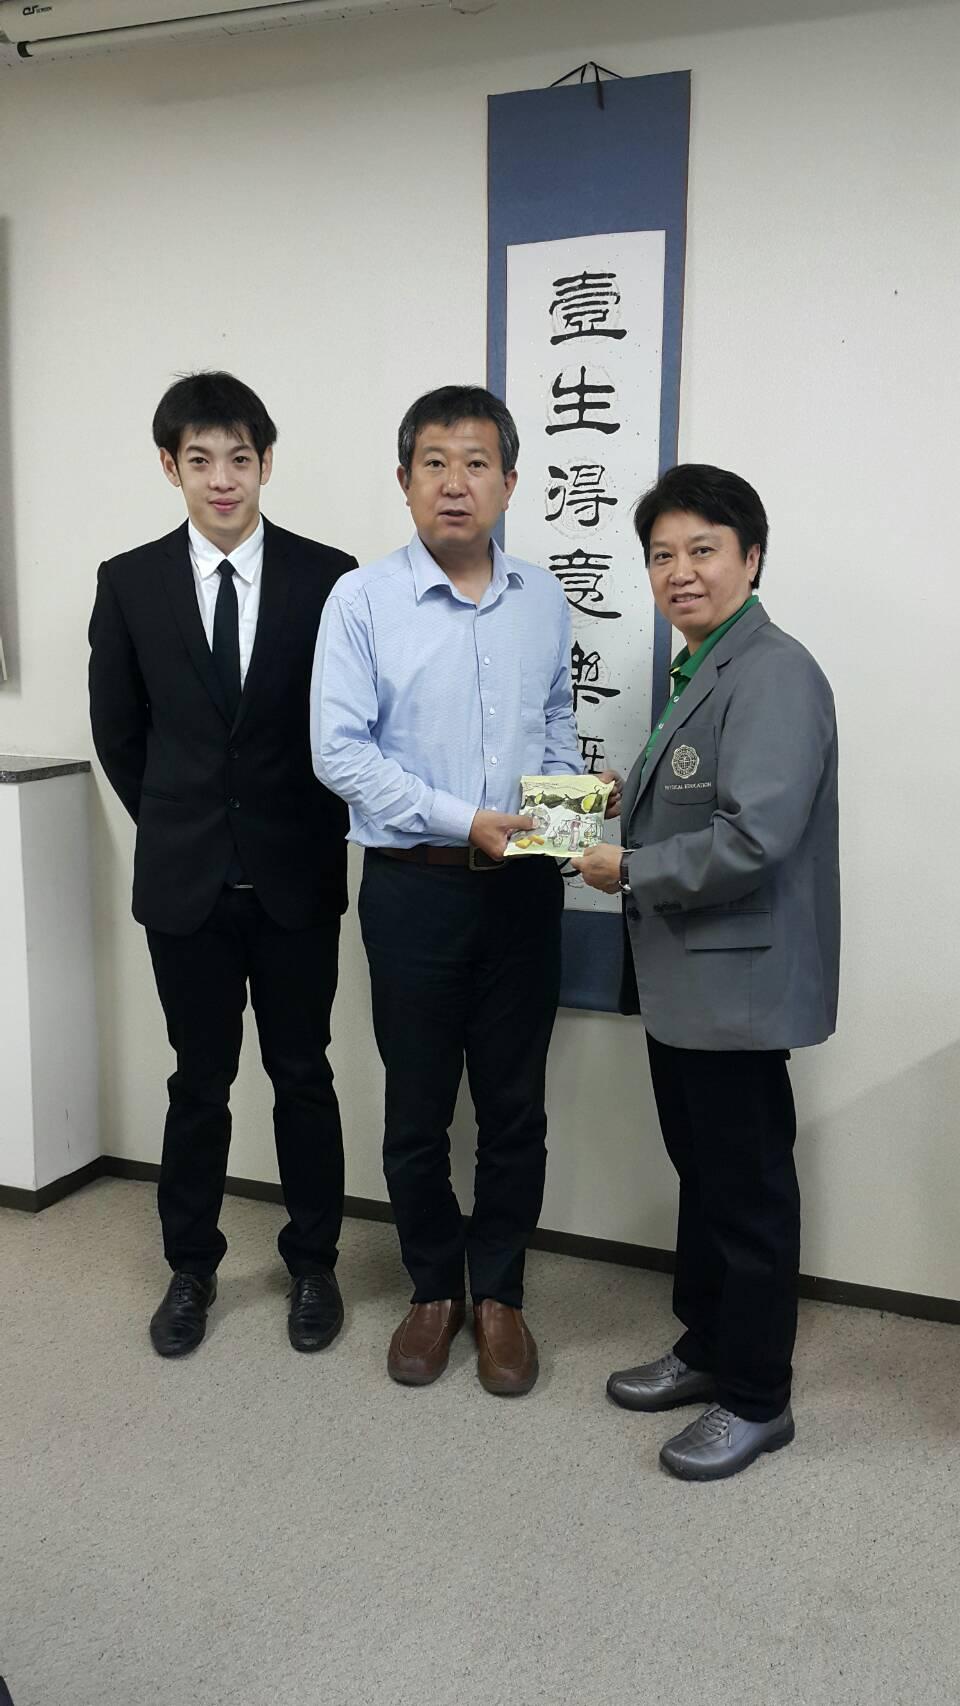 中山雅雄准教授とスプラニー体育学部長